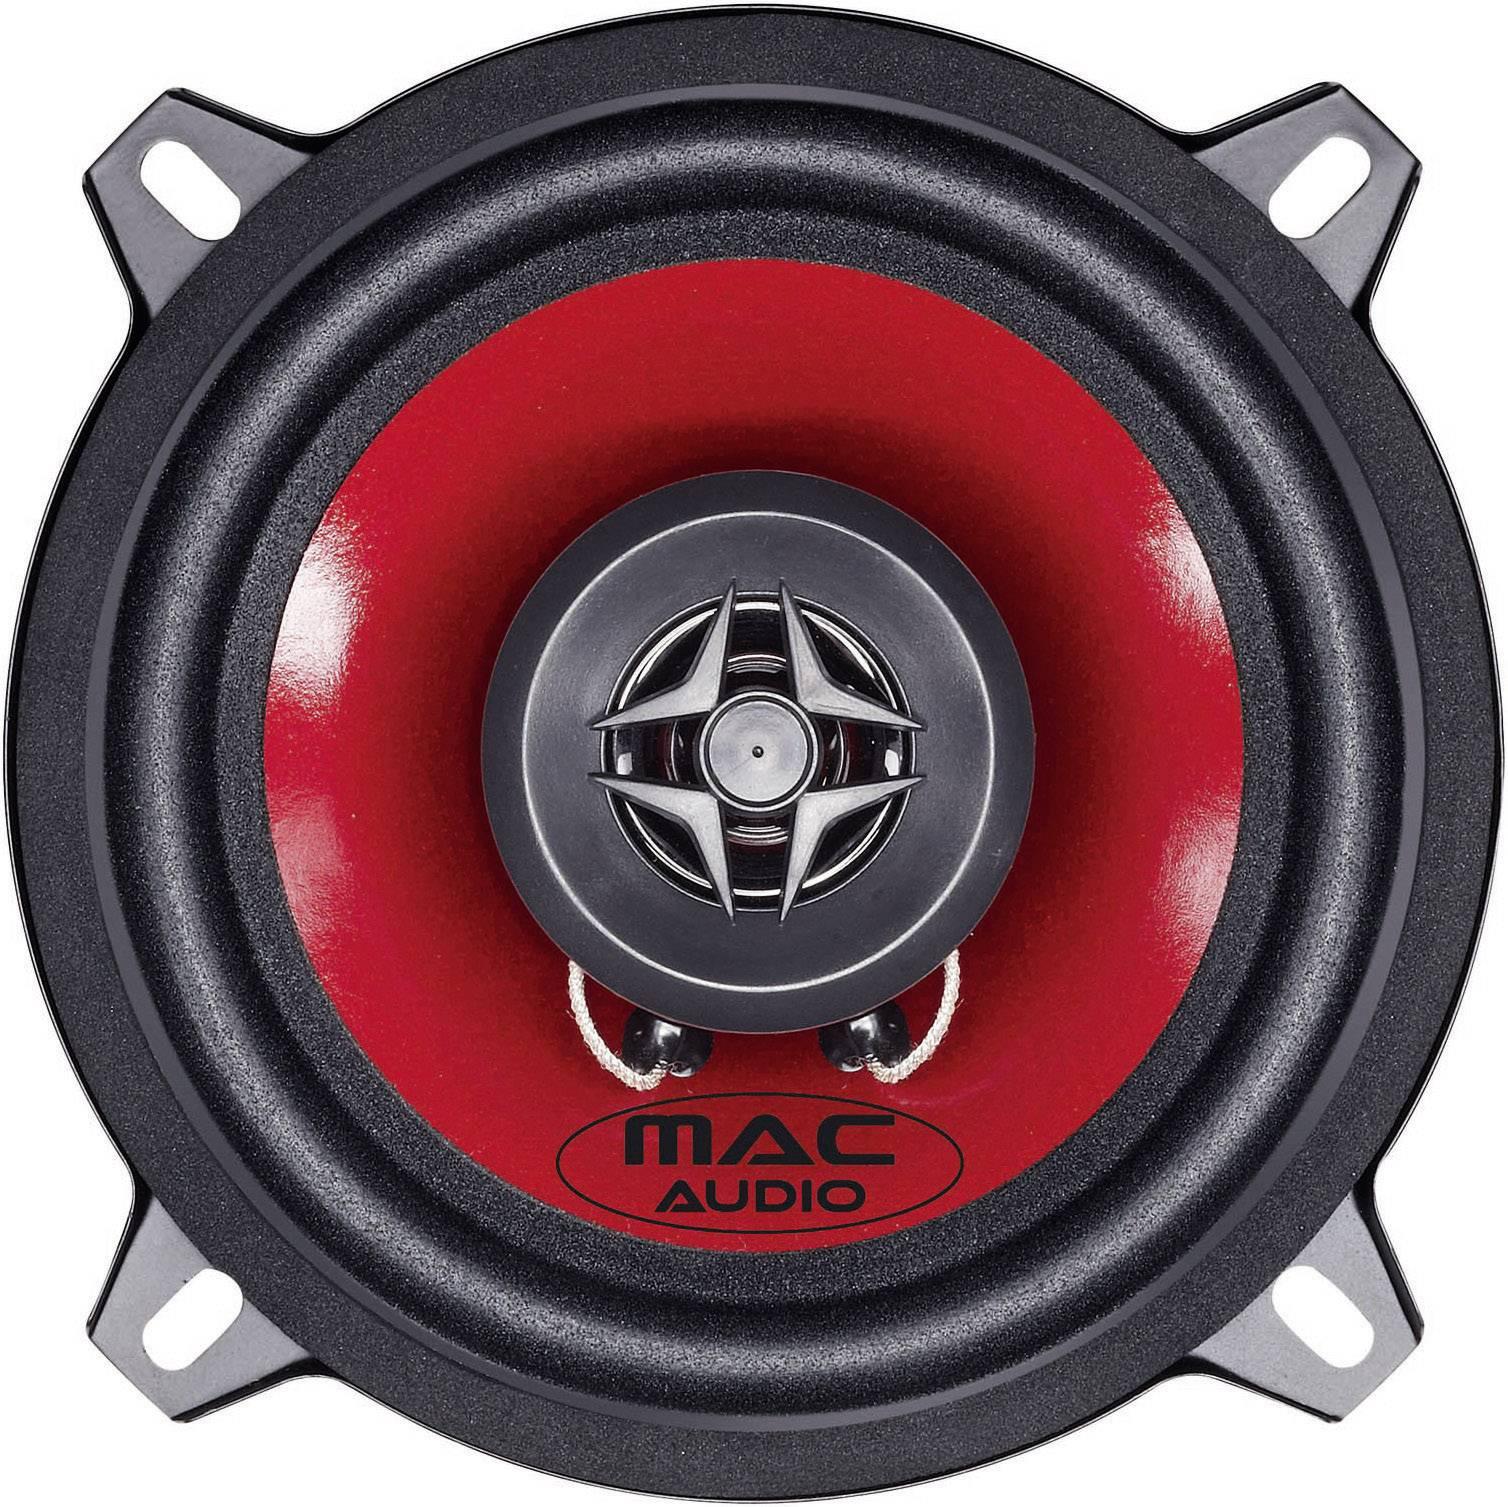 Sada 2cestných vstavaných reproduktorov Mac Audio APM Fire 13.2, 200 W